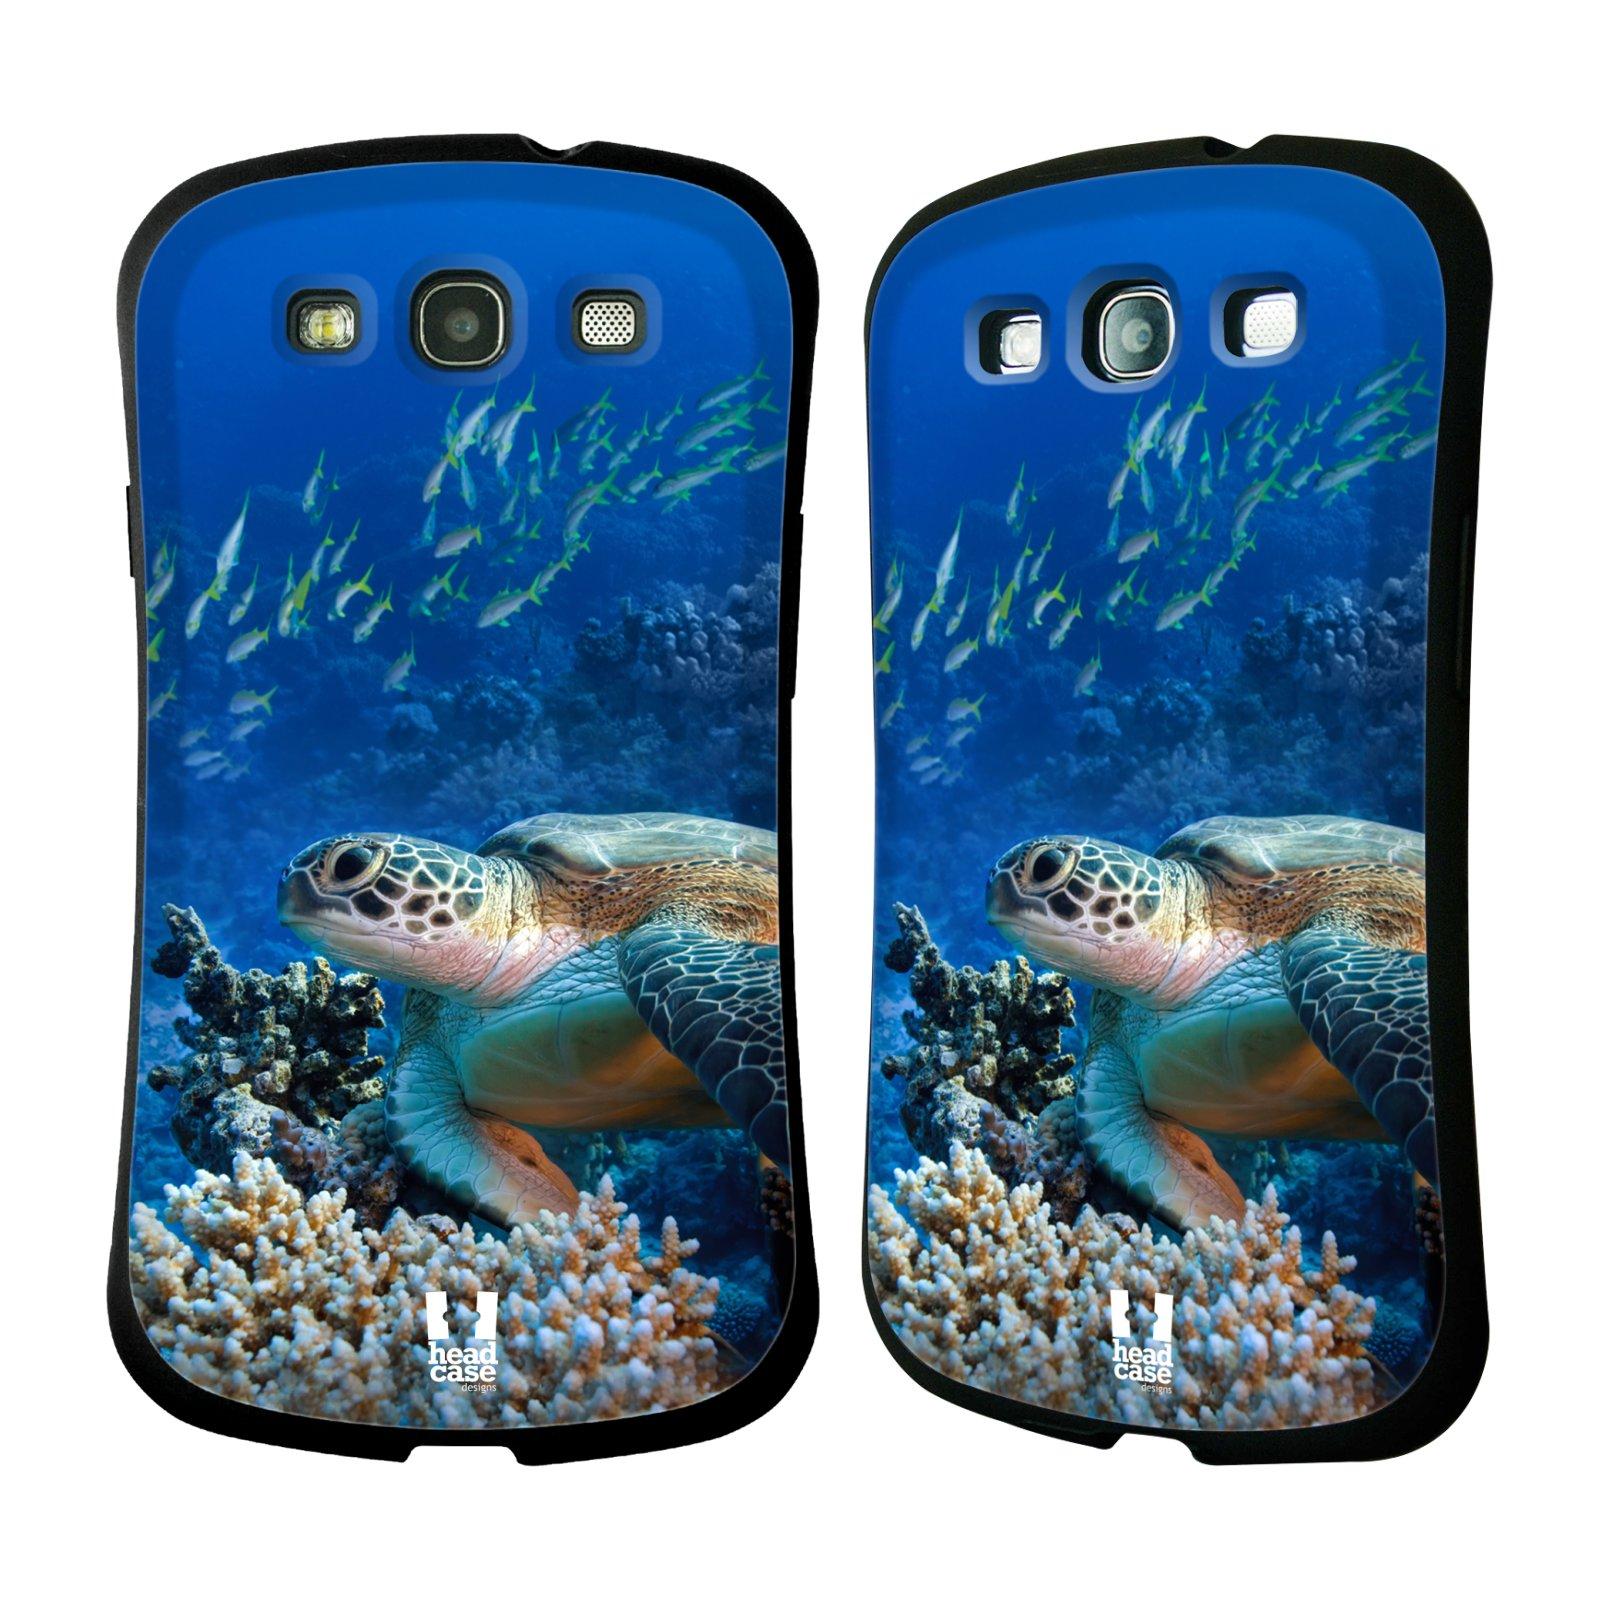 HEAD CASE silikon/plast odolný obal na mobil Samsung Galaxy S3 vzor Divočina, Divoký život a zvířata foto MOŘSKÁ ŽELVA MODRÁ PODMOŘSKÁ HLADINA